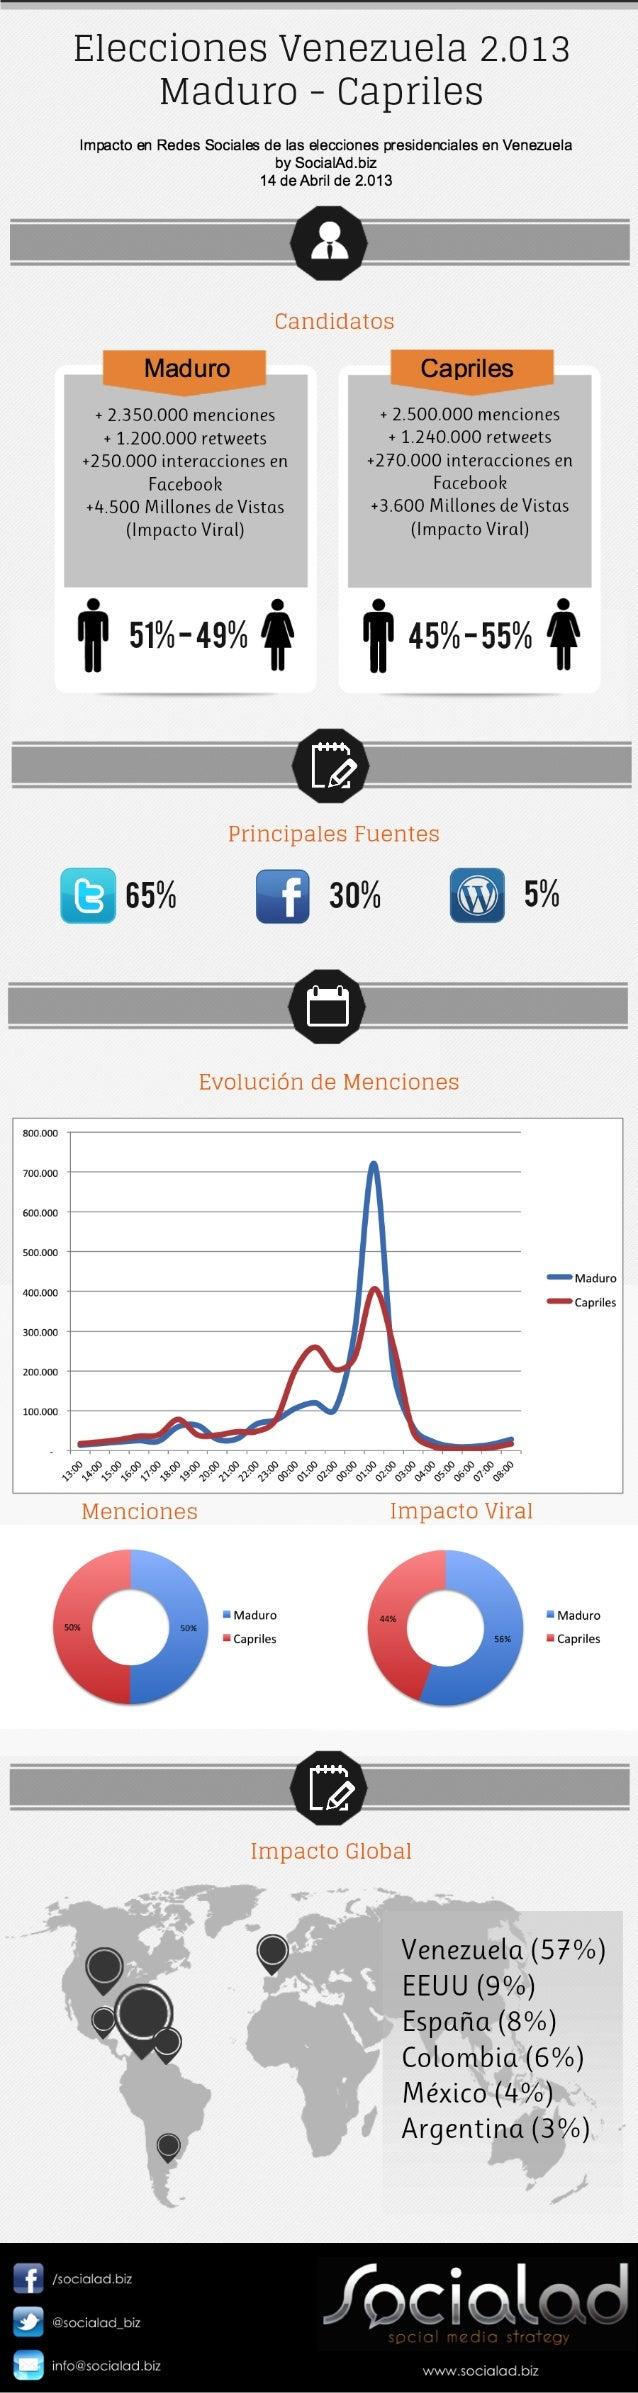 Elecciones en Venezuela. Infografía Impacto en redes sociales. SocialAd.biz